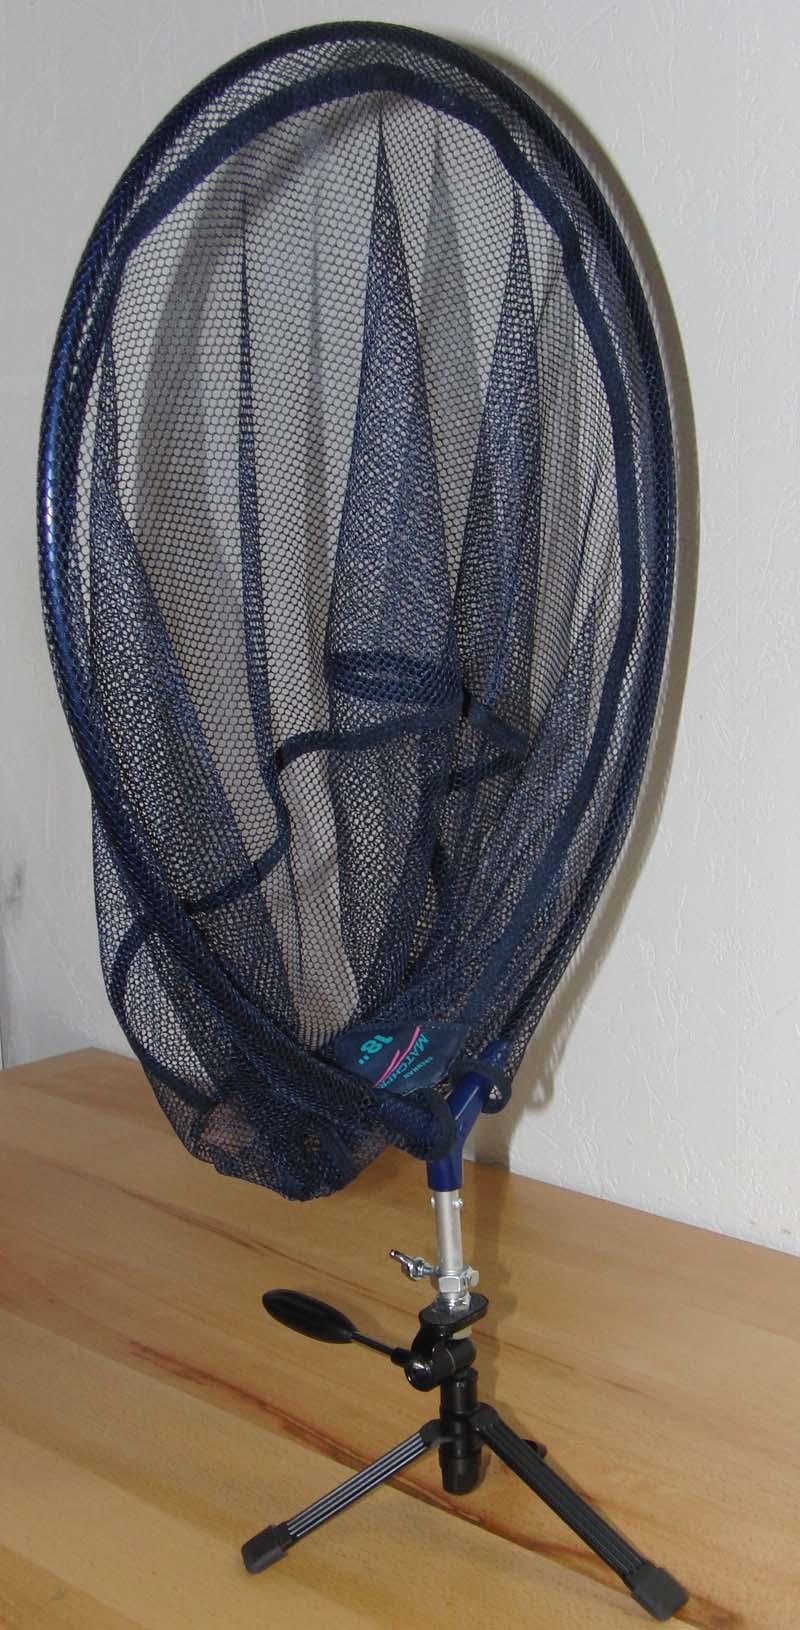 Récupérateur de douilles Racupa10